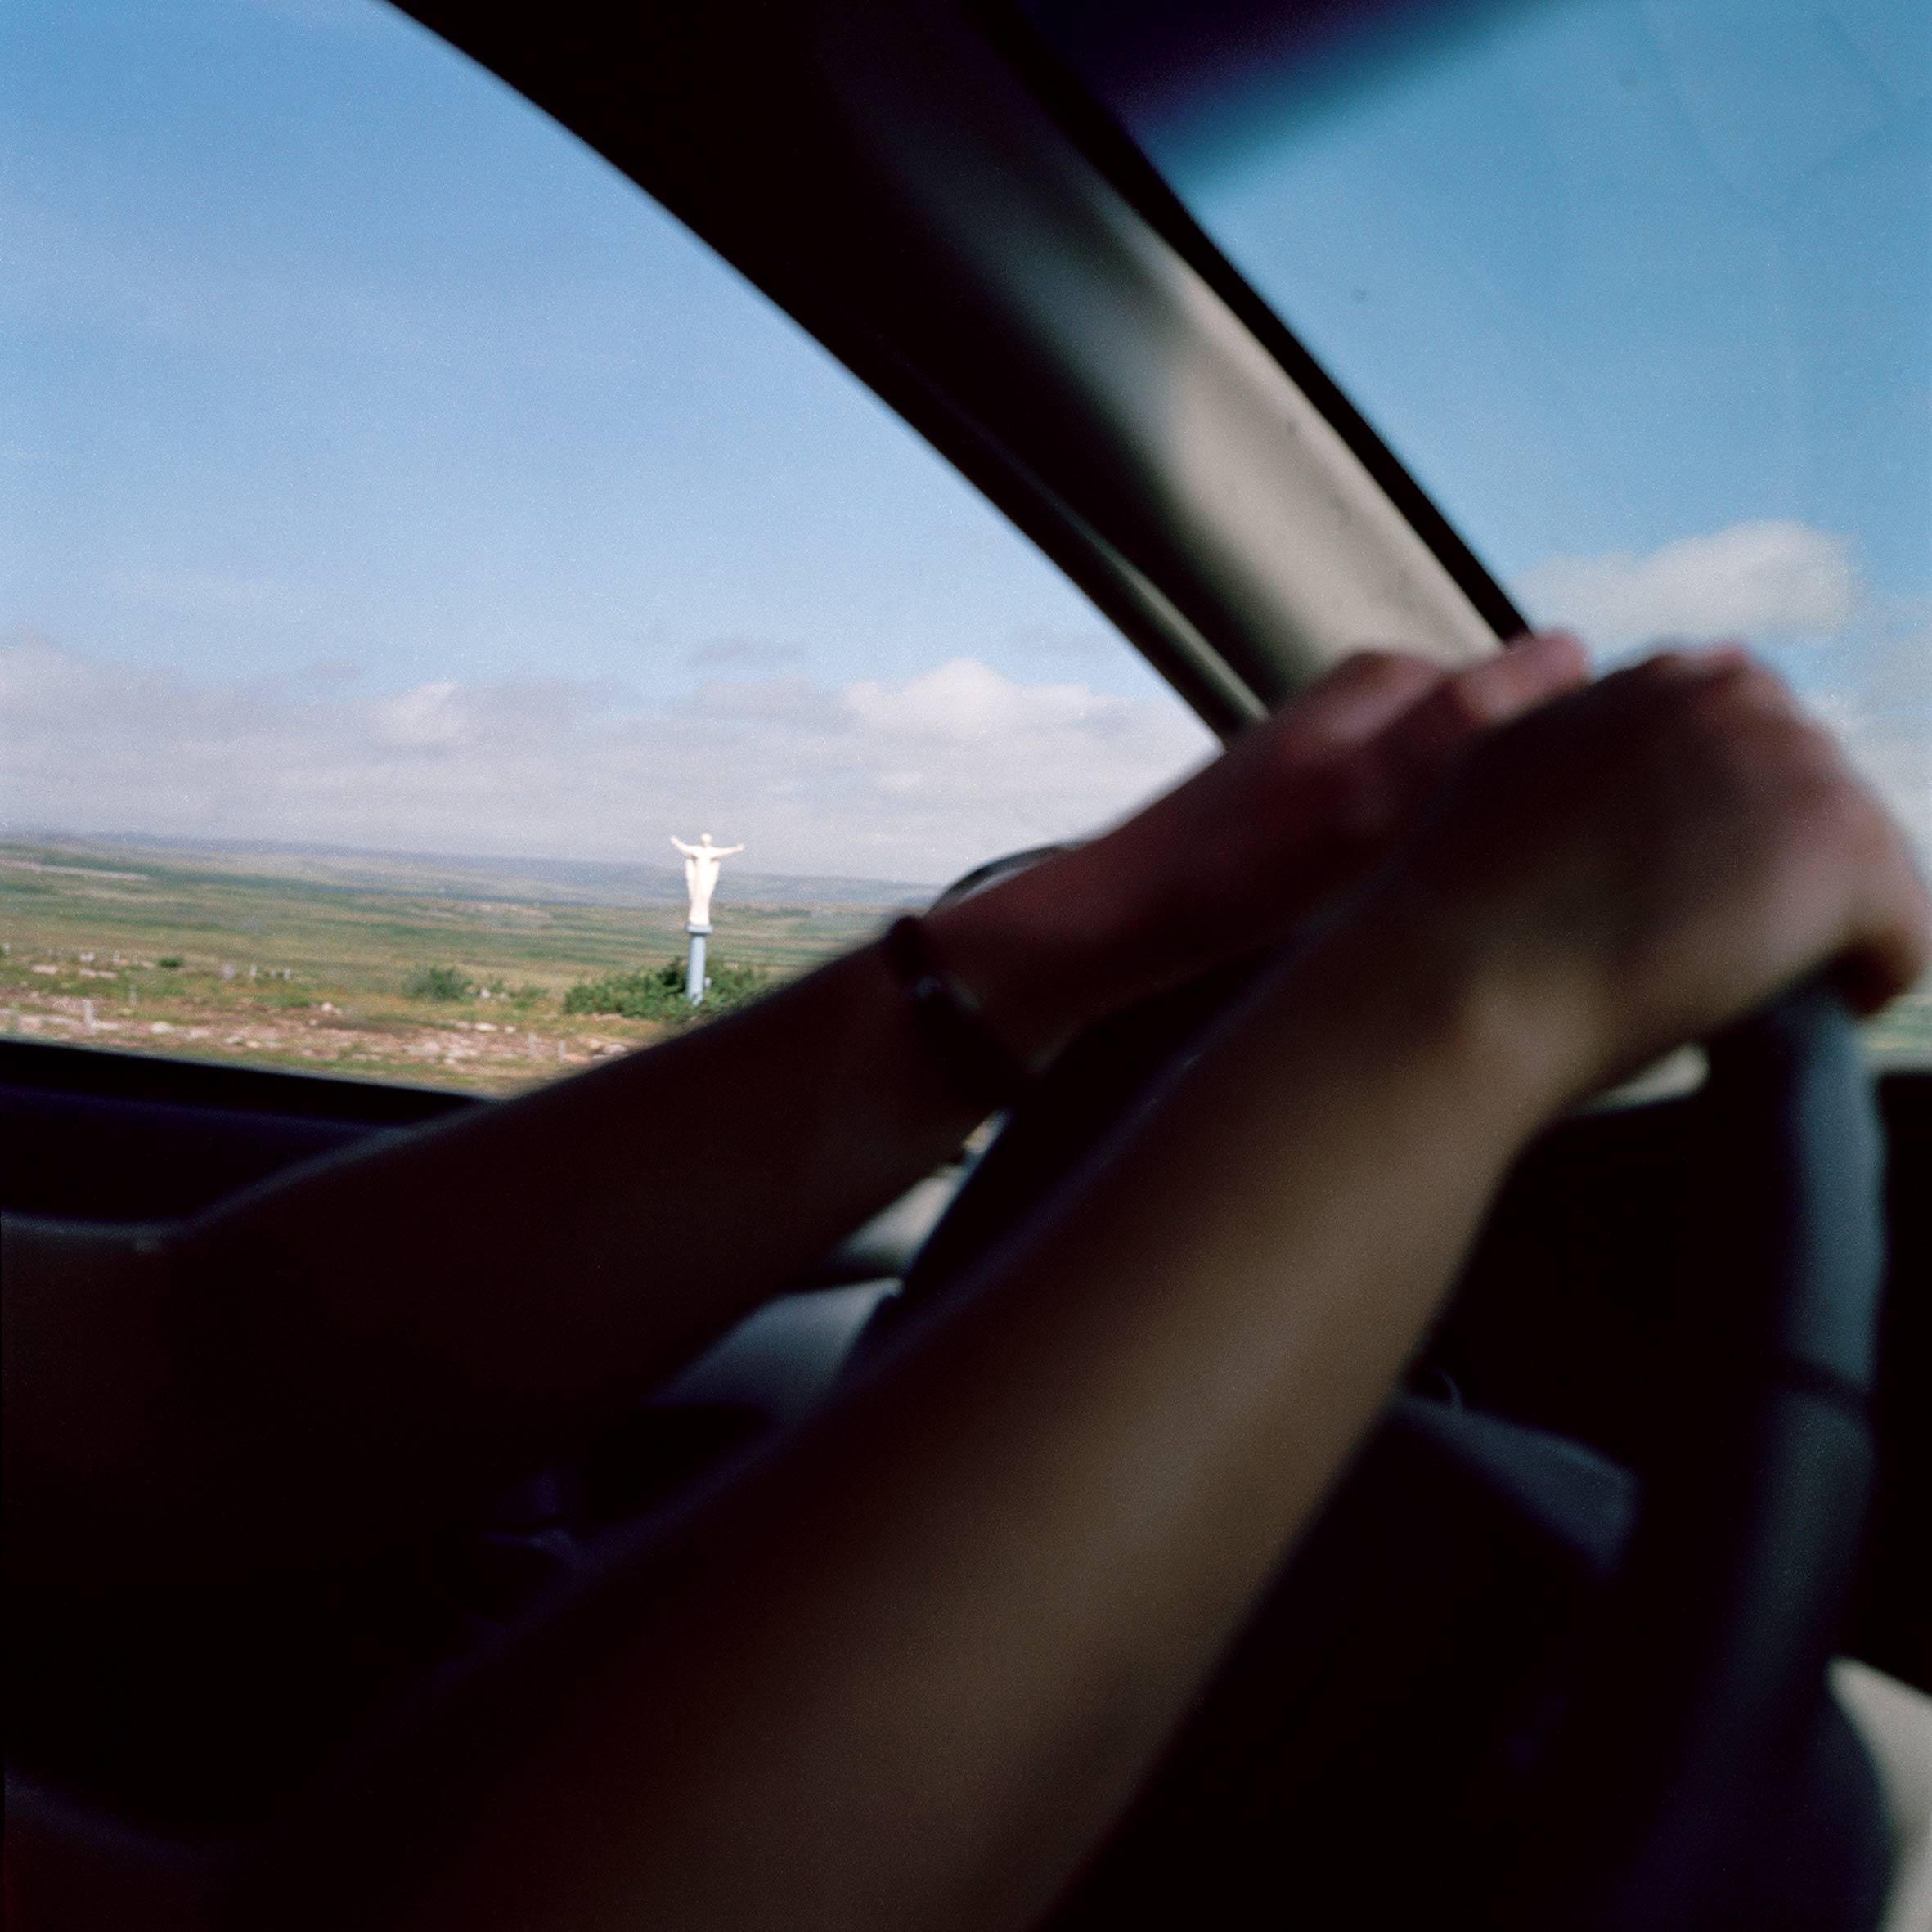 marcher créer, périple autobiographique, territoire du Labrador au Québec, paysage, voiture, voyageurs